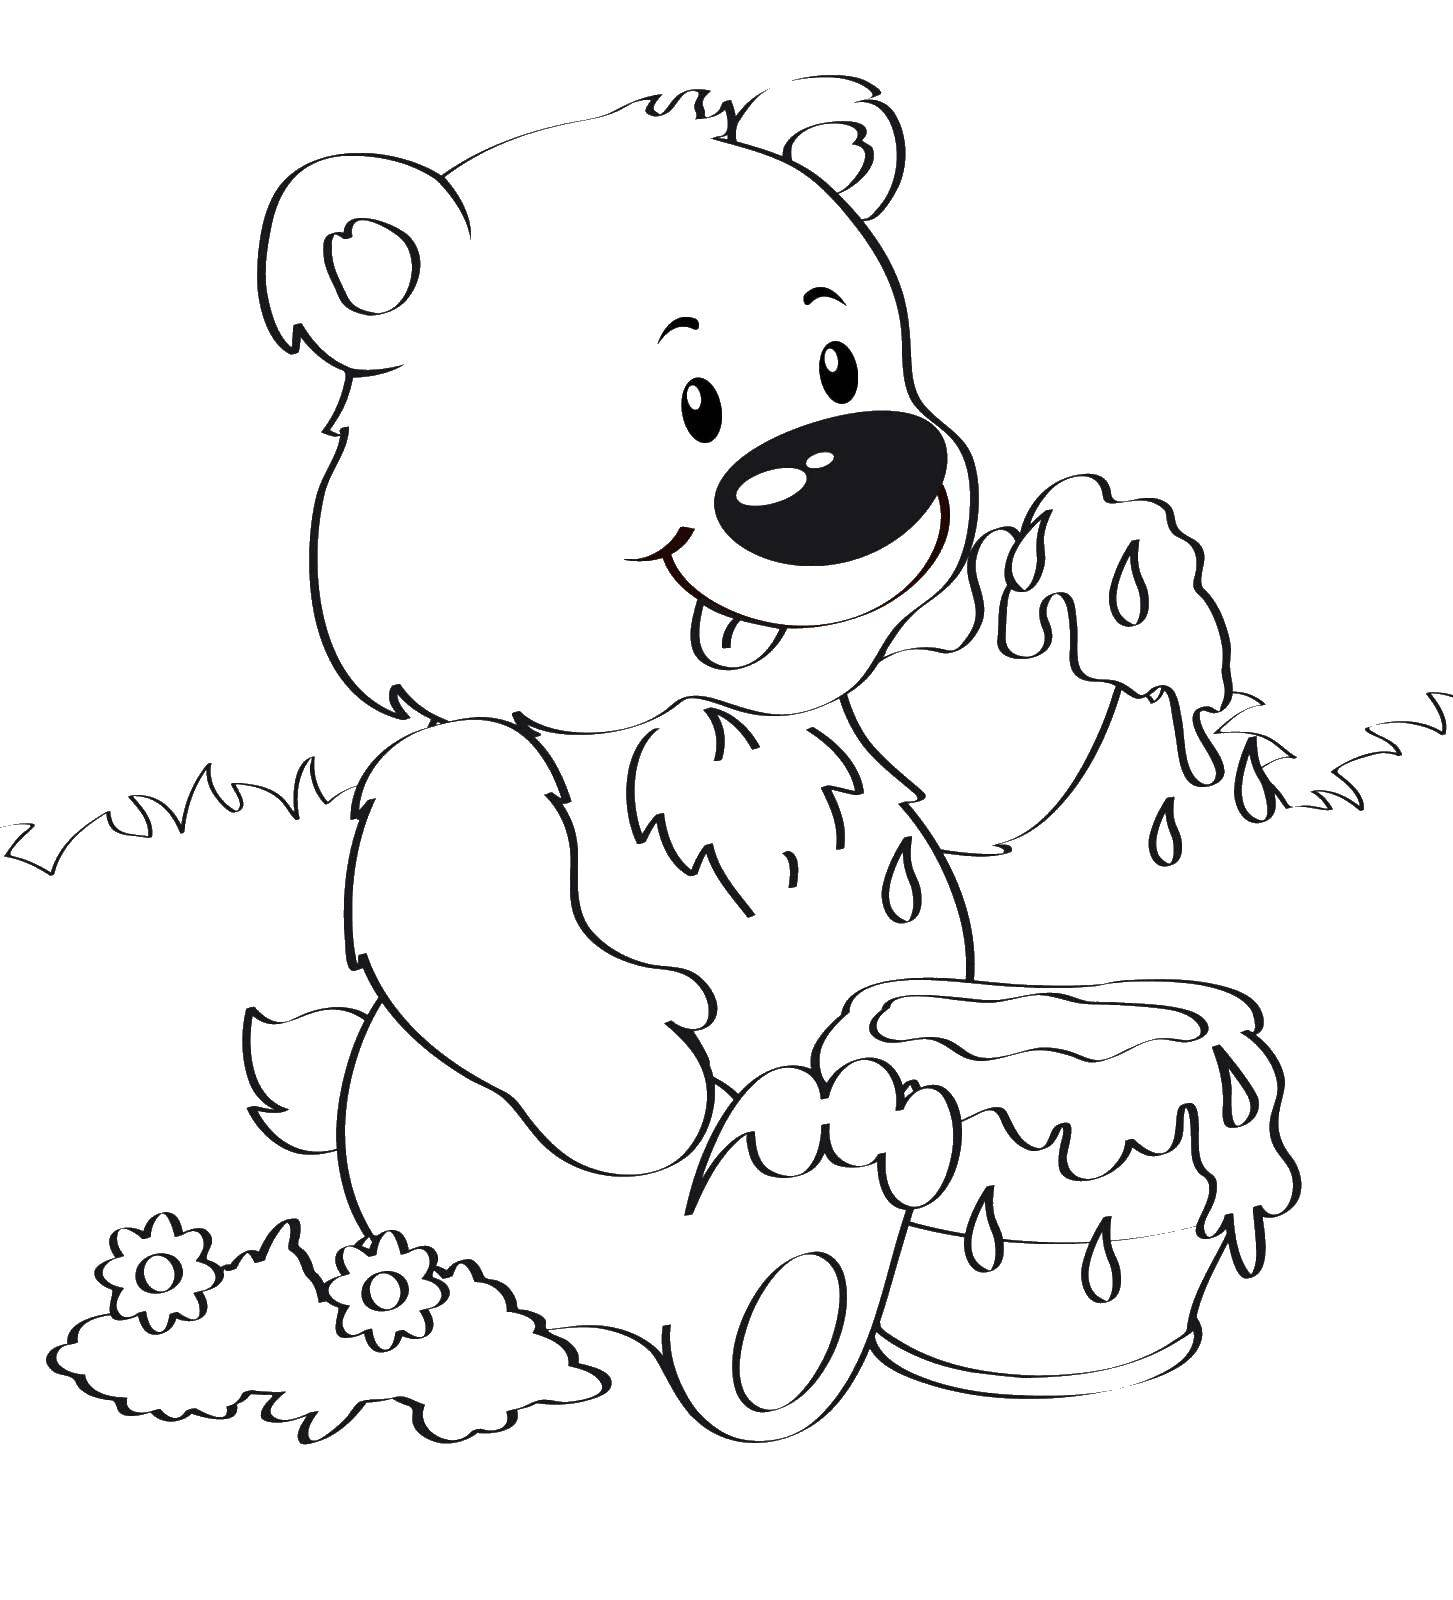 детализированы рисунок медведя для раскрашивания конструкции изделия